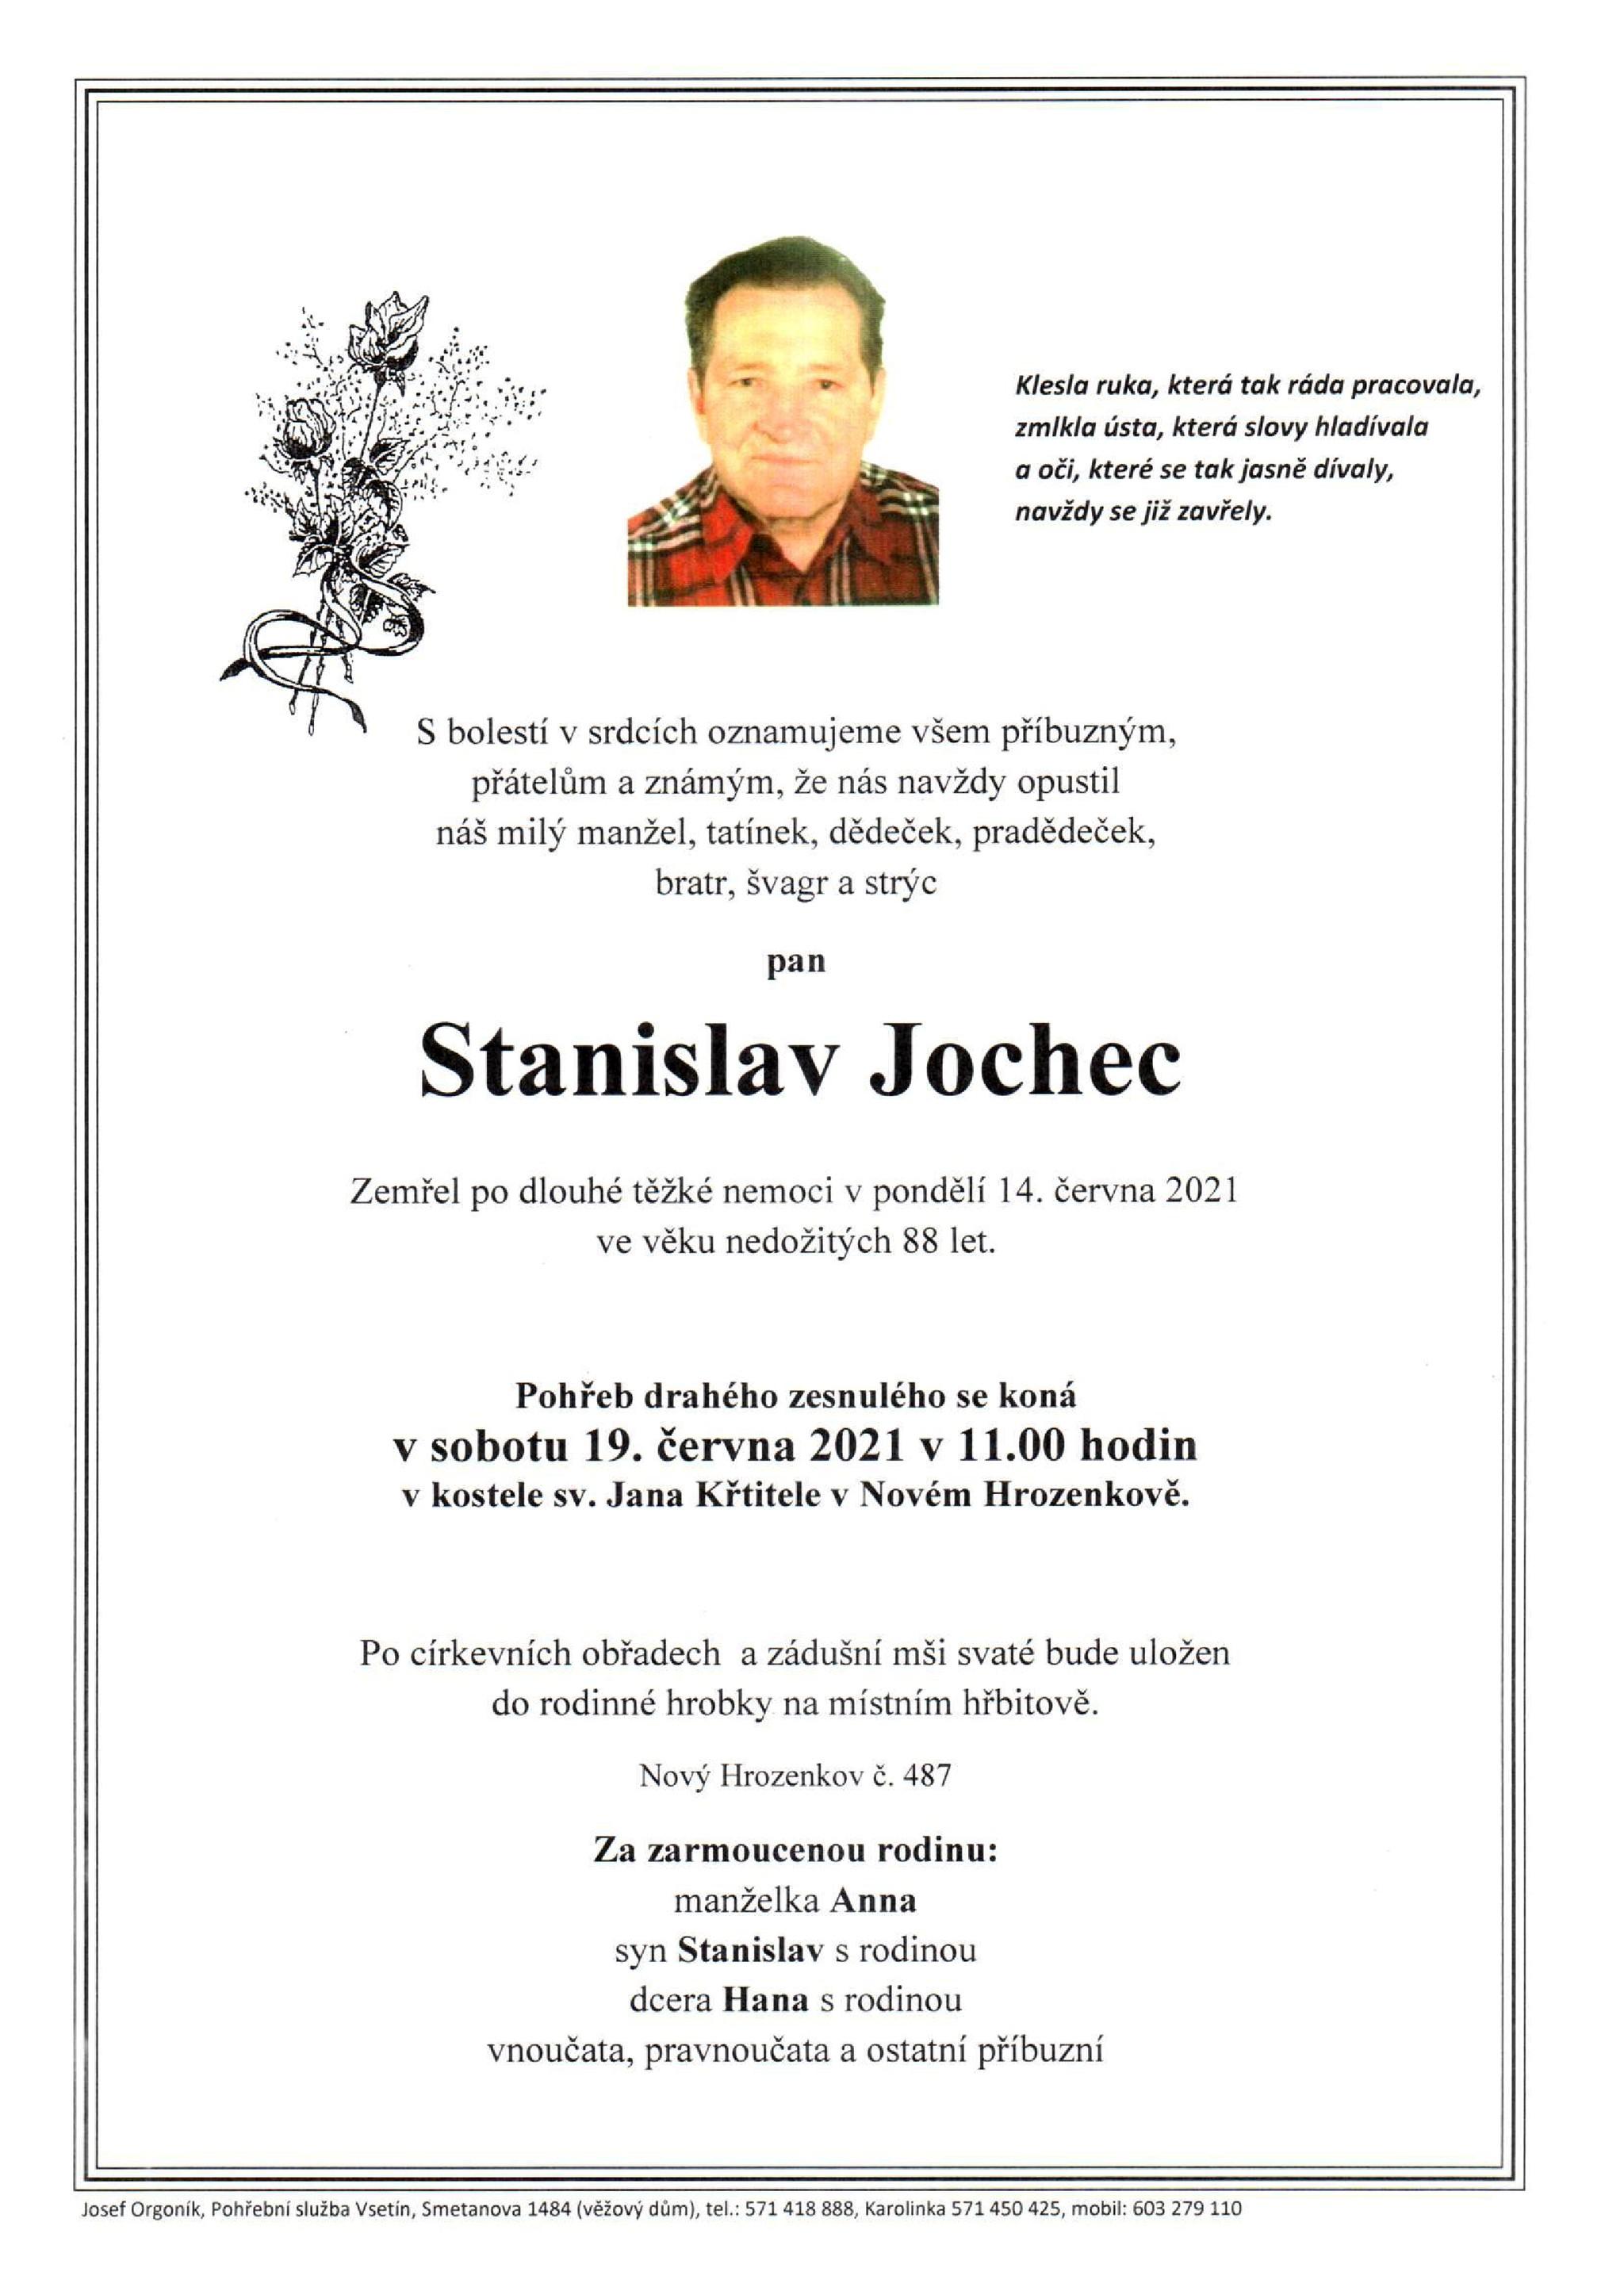 Stanislav Jochec